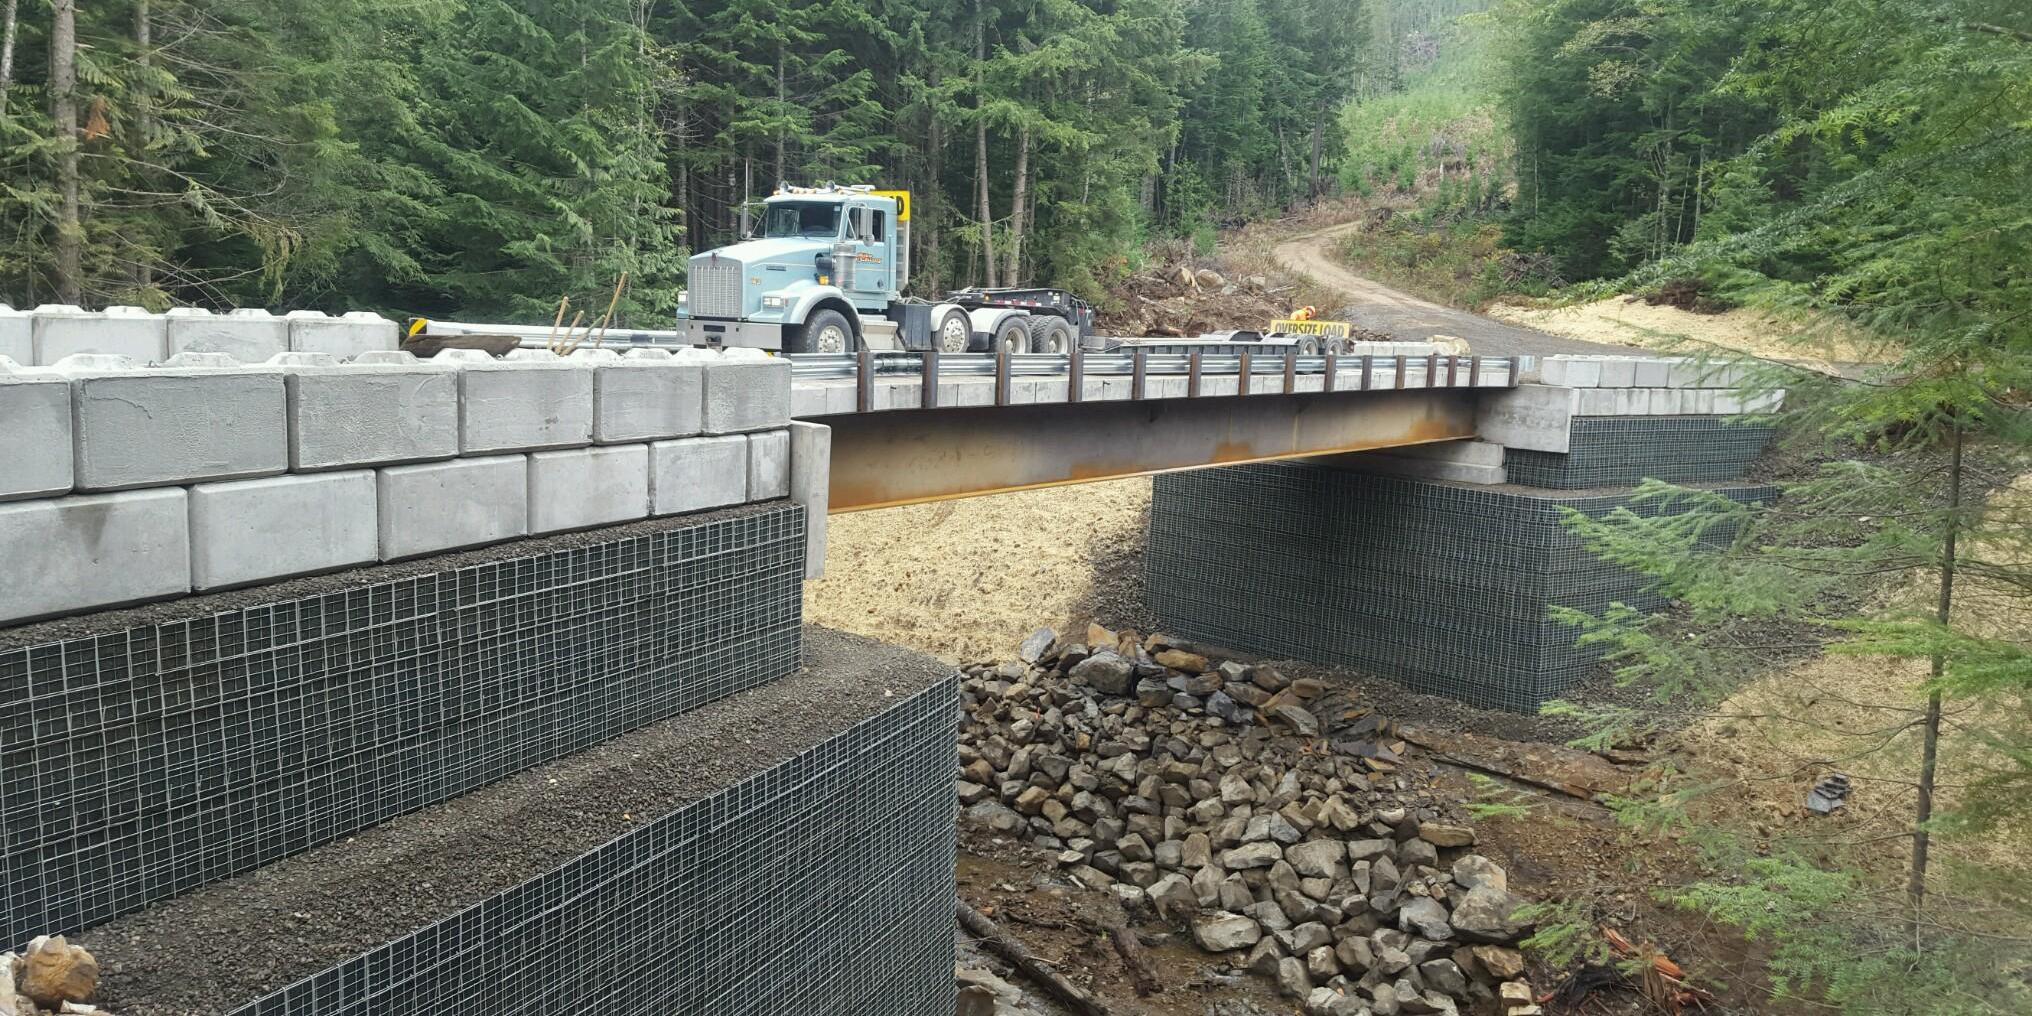 MSE Welded Wire Wall 3 Road Bridge (172)